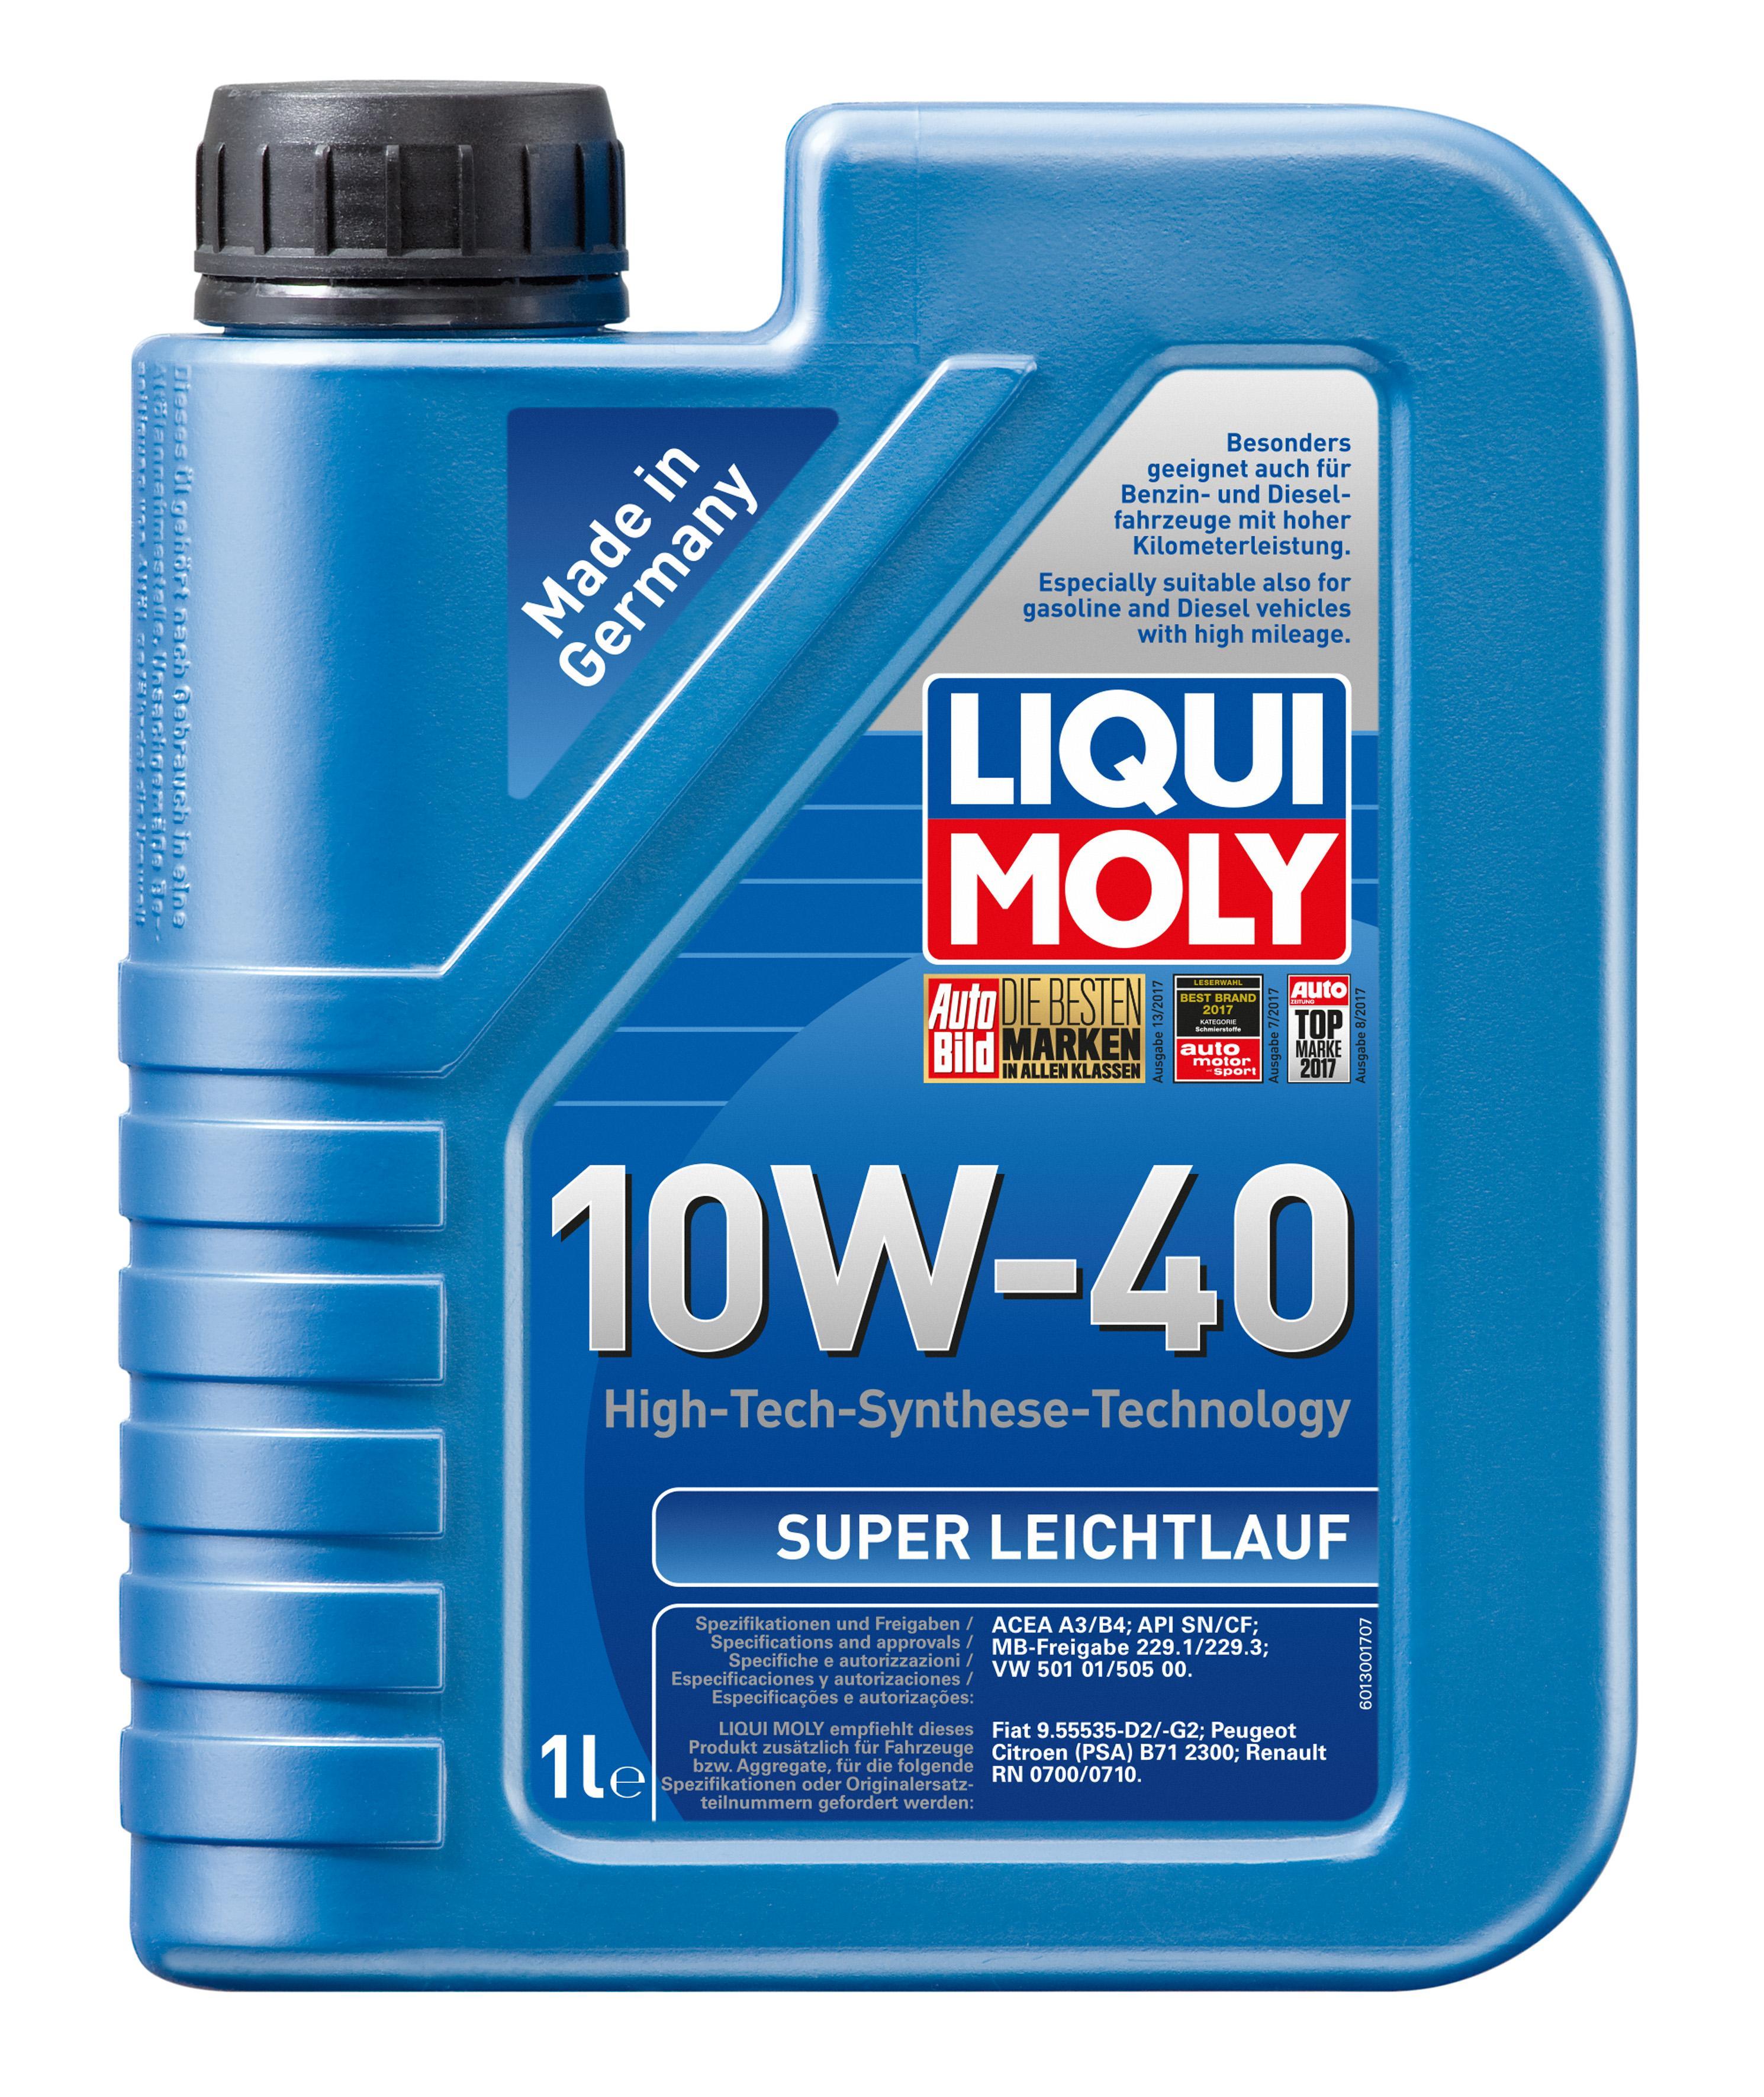 LIQUI MOLY   Olio motore 9503